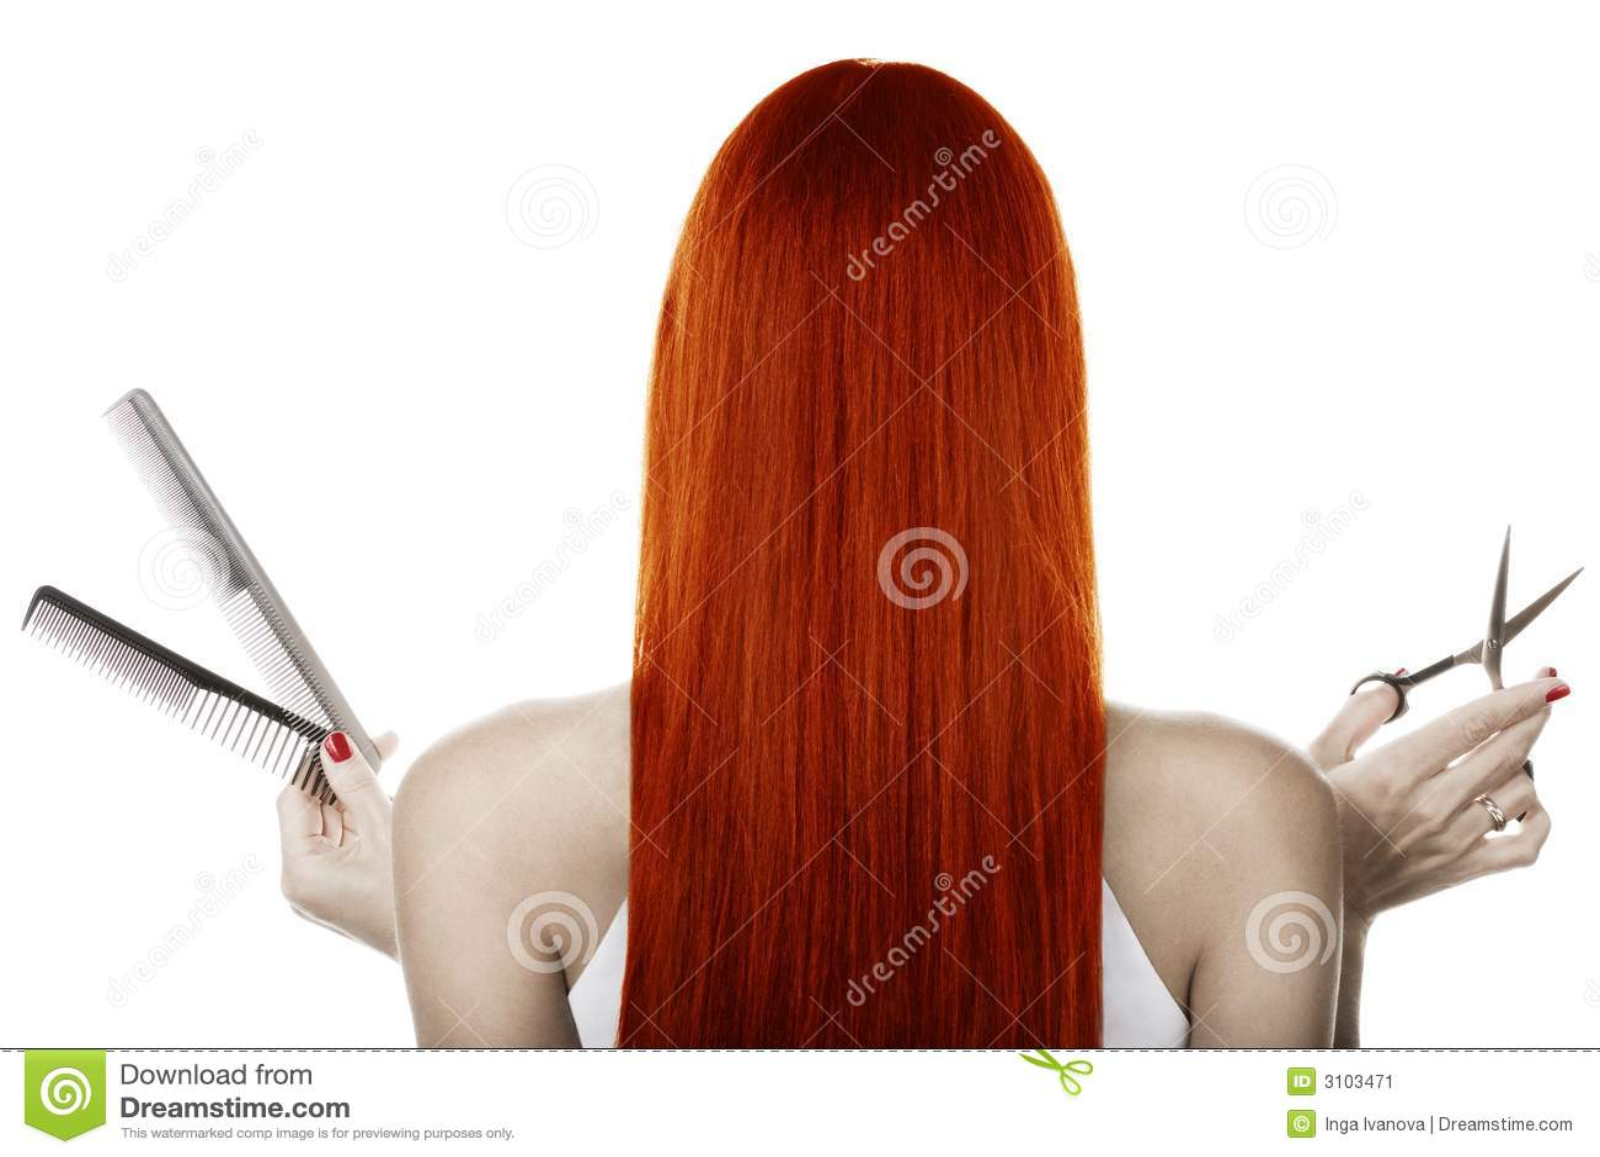 Поздравления парикмахеру с днем парикмахера